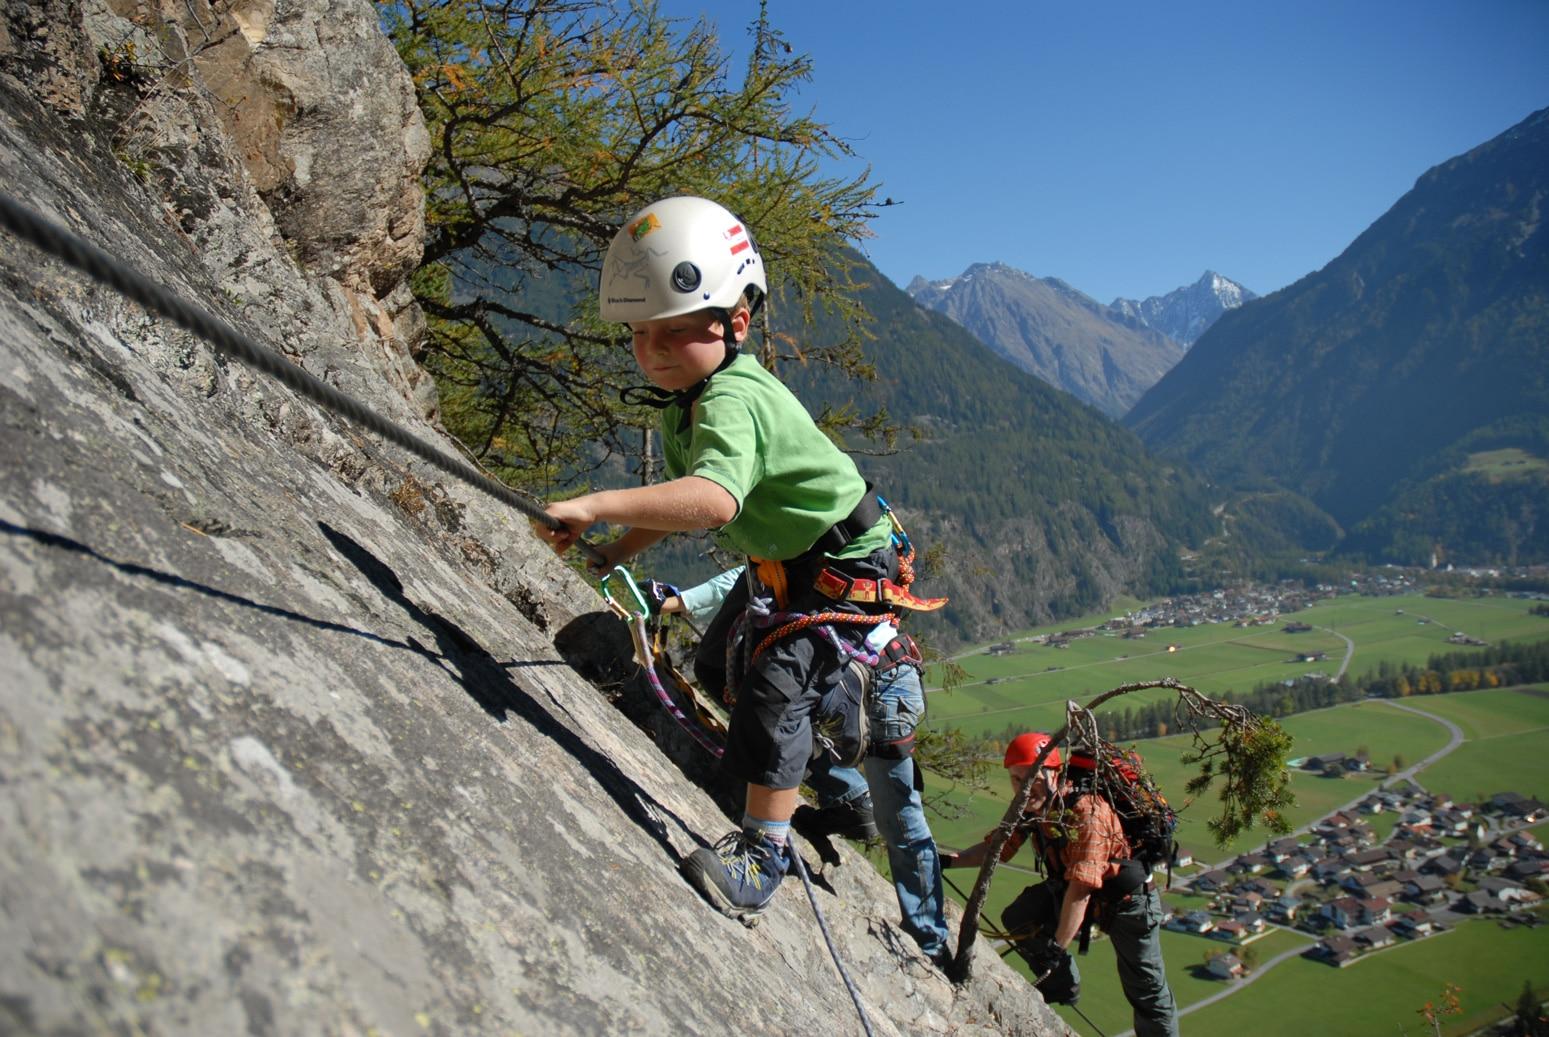 Klettersteig Für Anfänger : Tipps vom profi klettersteige mit kindern bergwelten